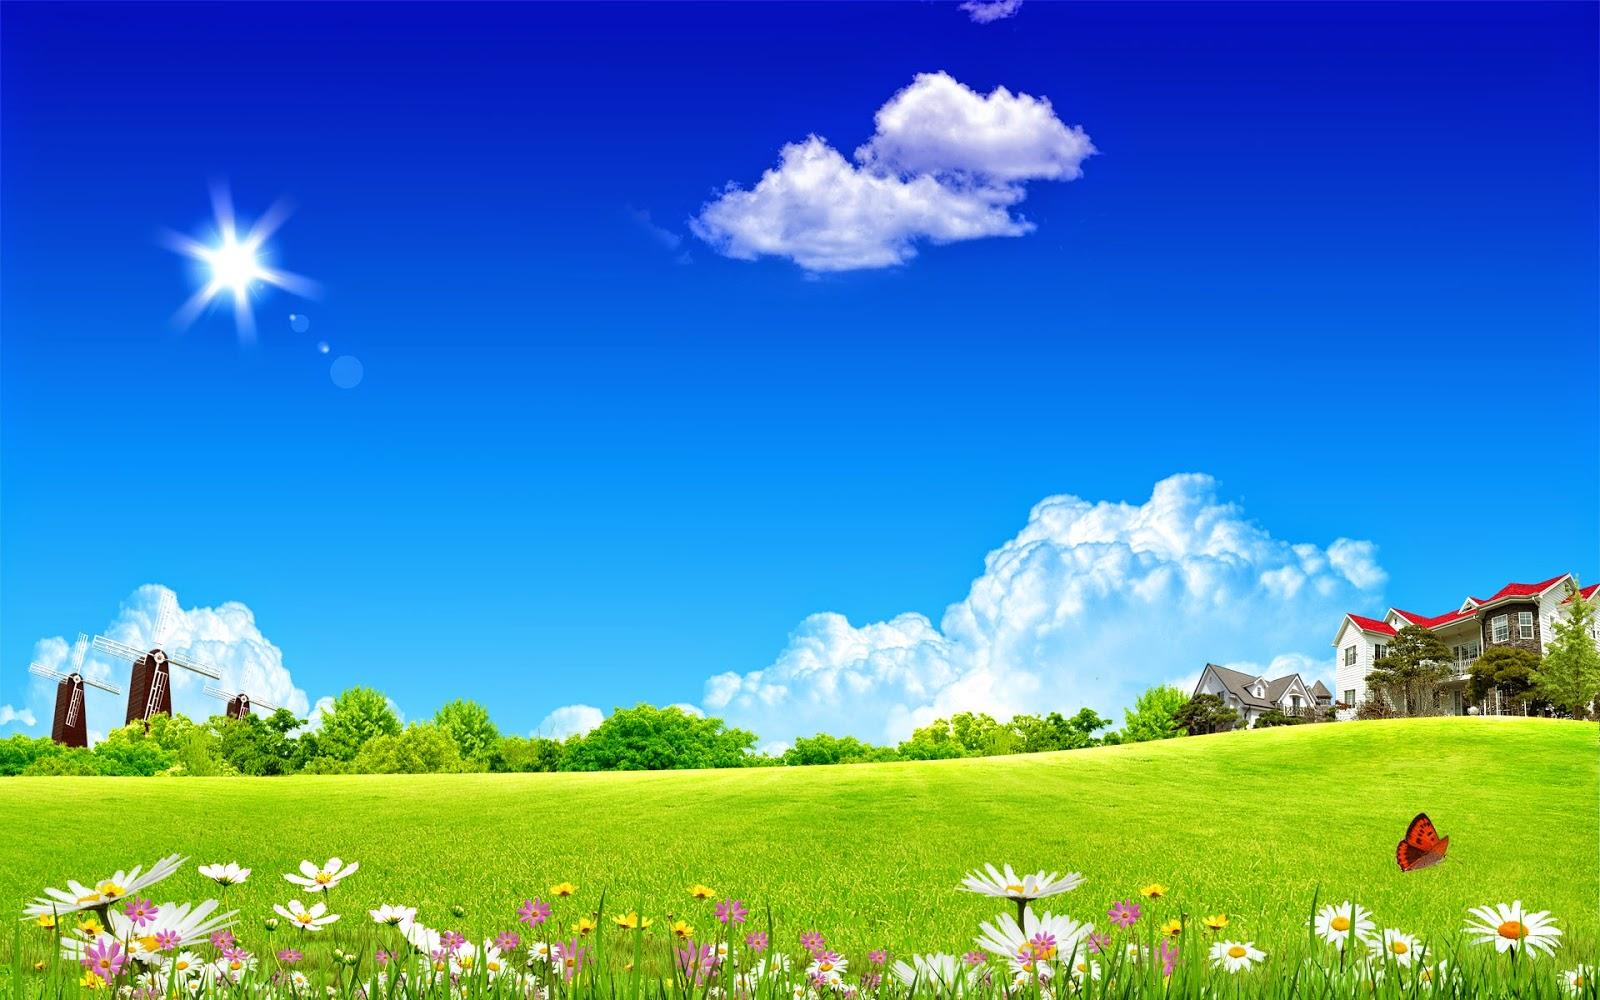 Imagini pt Desktop 3d Imagini Grafica 3d cu